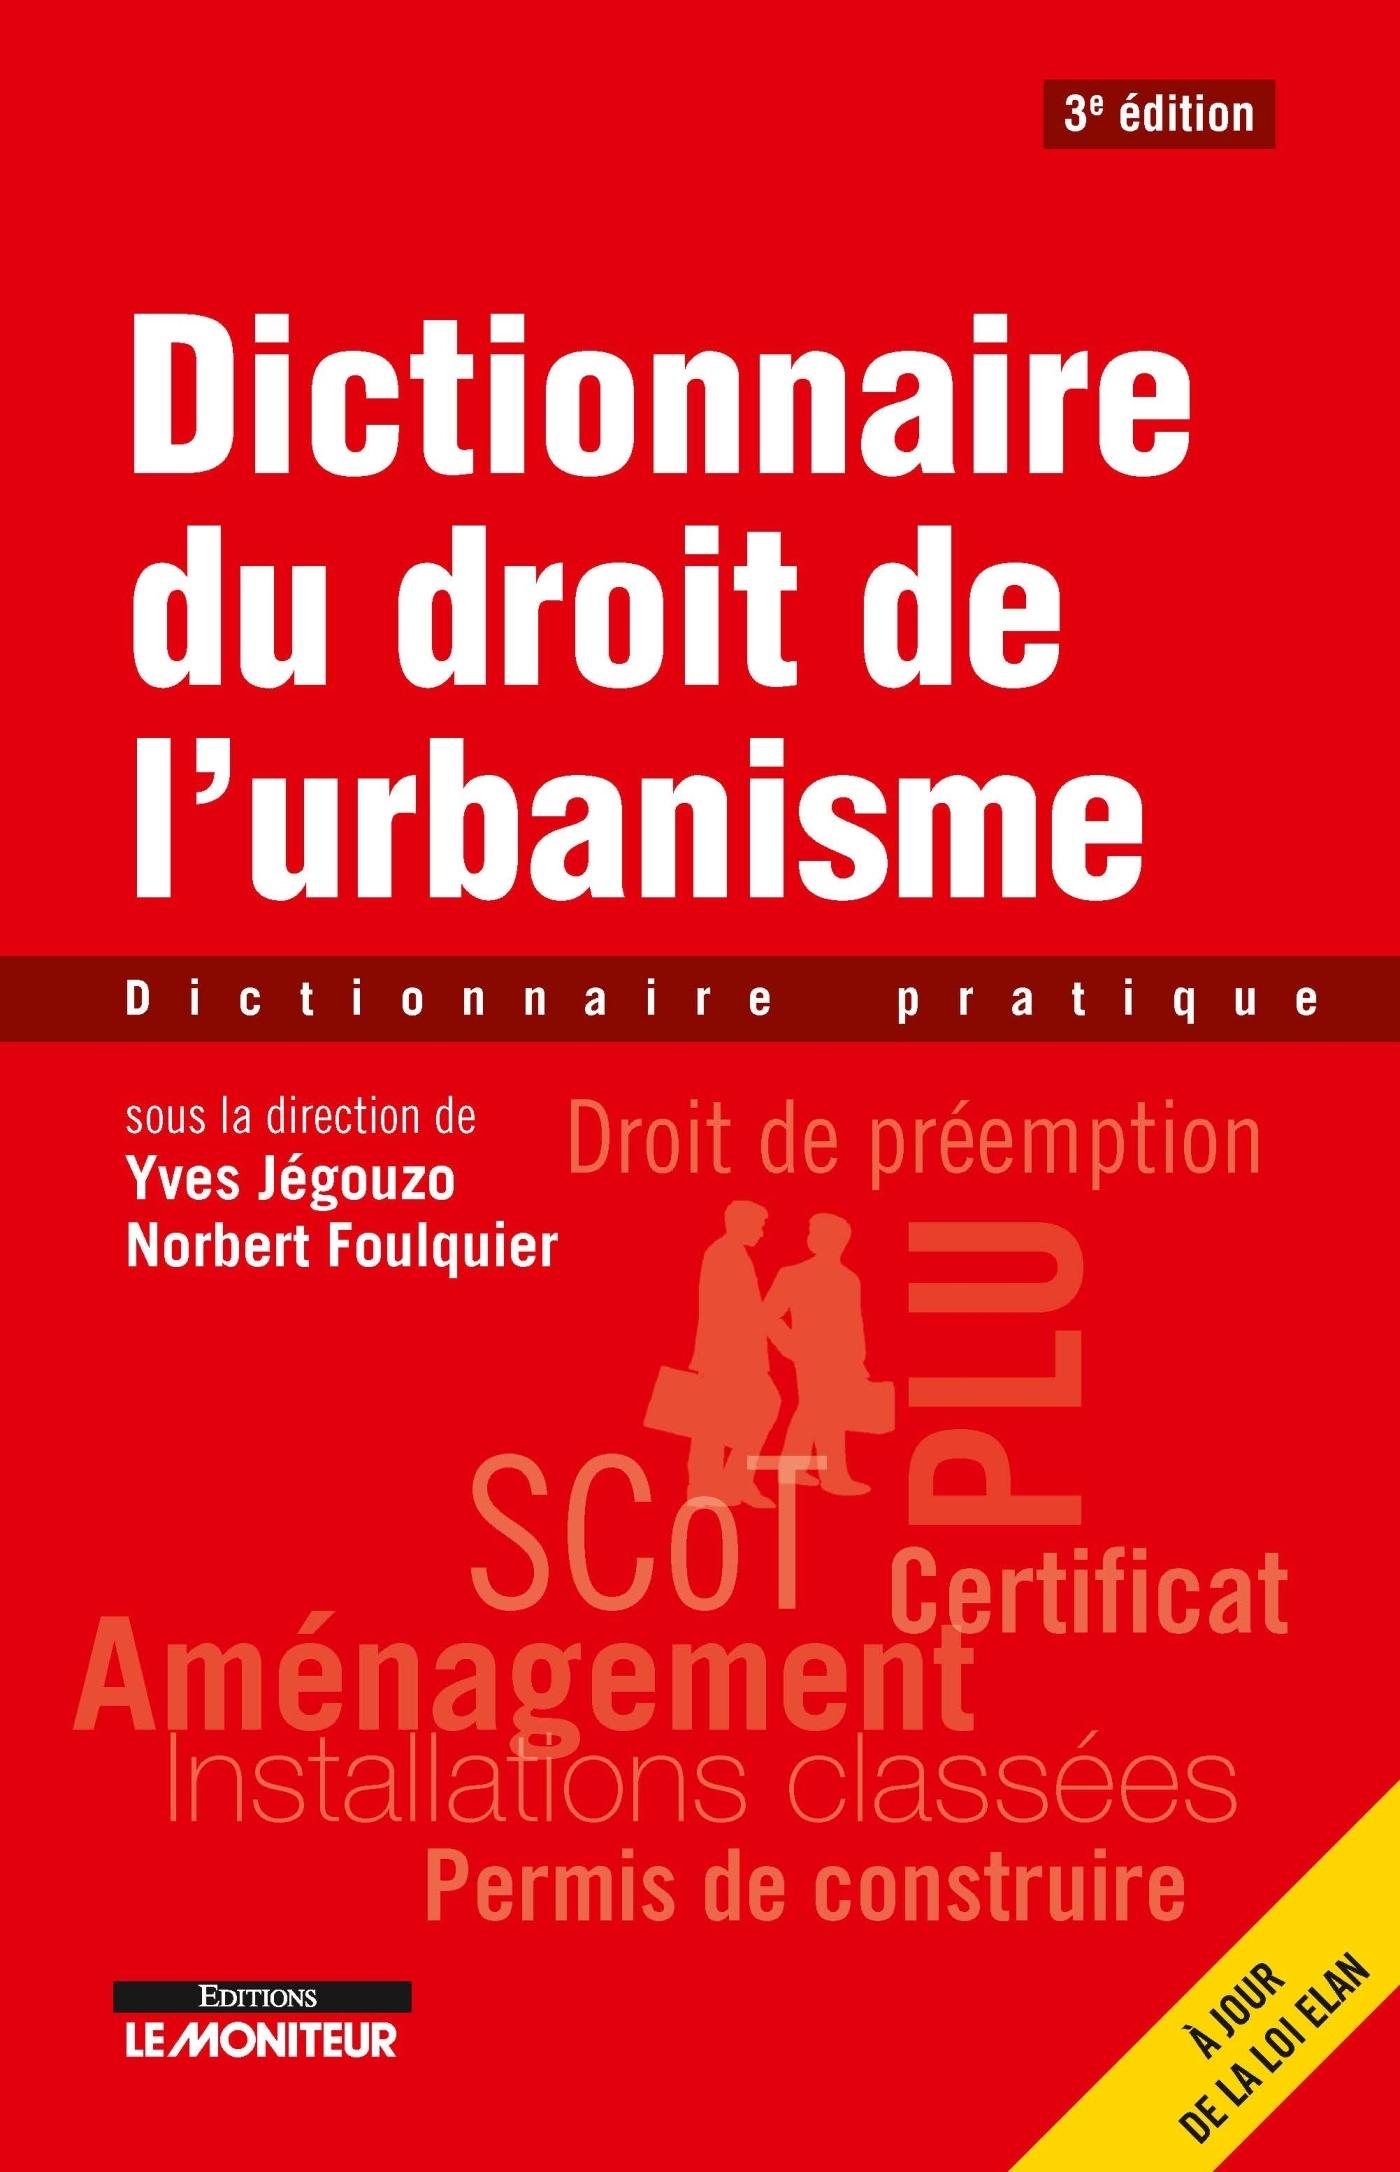 LE MONITEUR - 3E EDITION 2018 - DICTIONNAIRE DU DROIT DE L'URBANISME - DICTIONNAIRE PRATIQUE